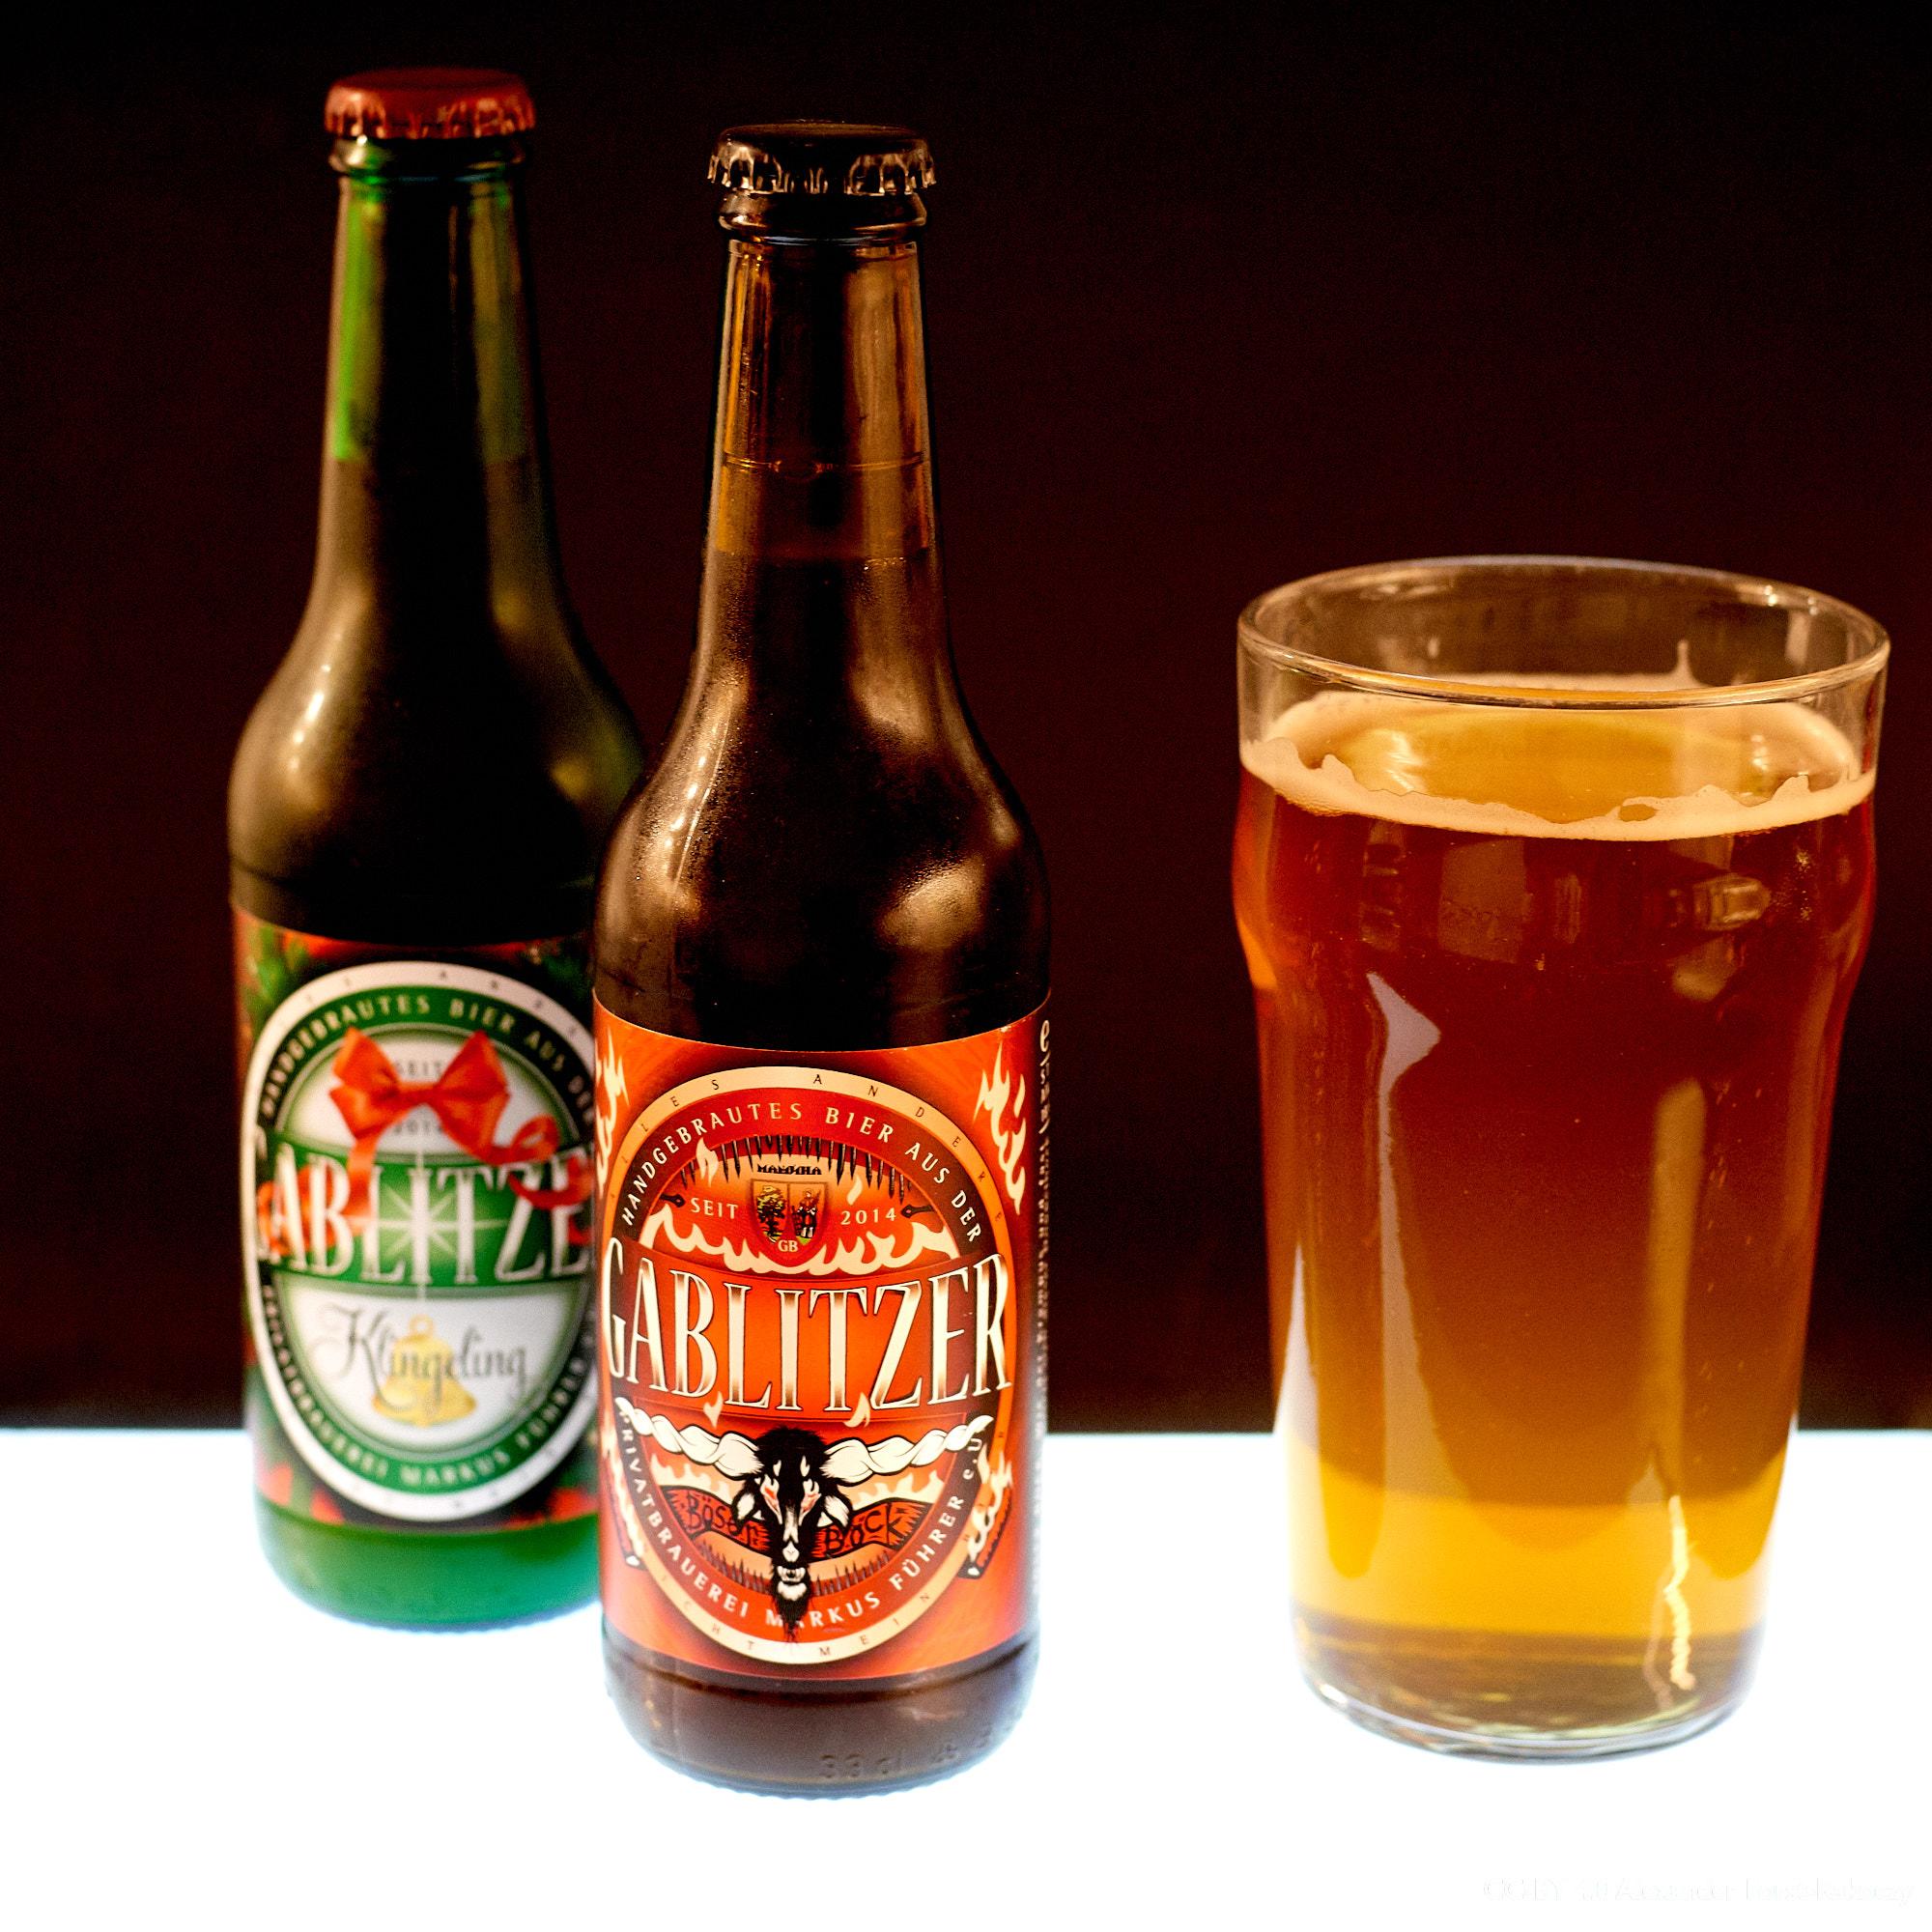 Alfora:Gablitzer Weihnachts-Bier (Böser Bock und Klingeling)